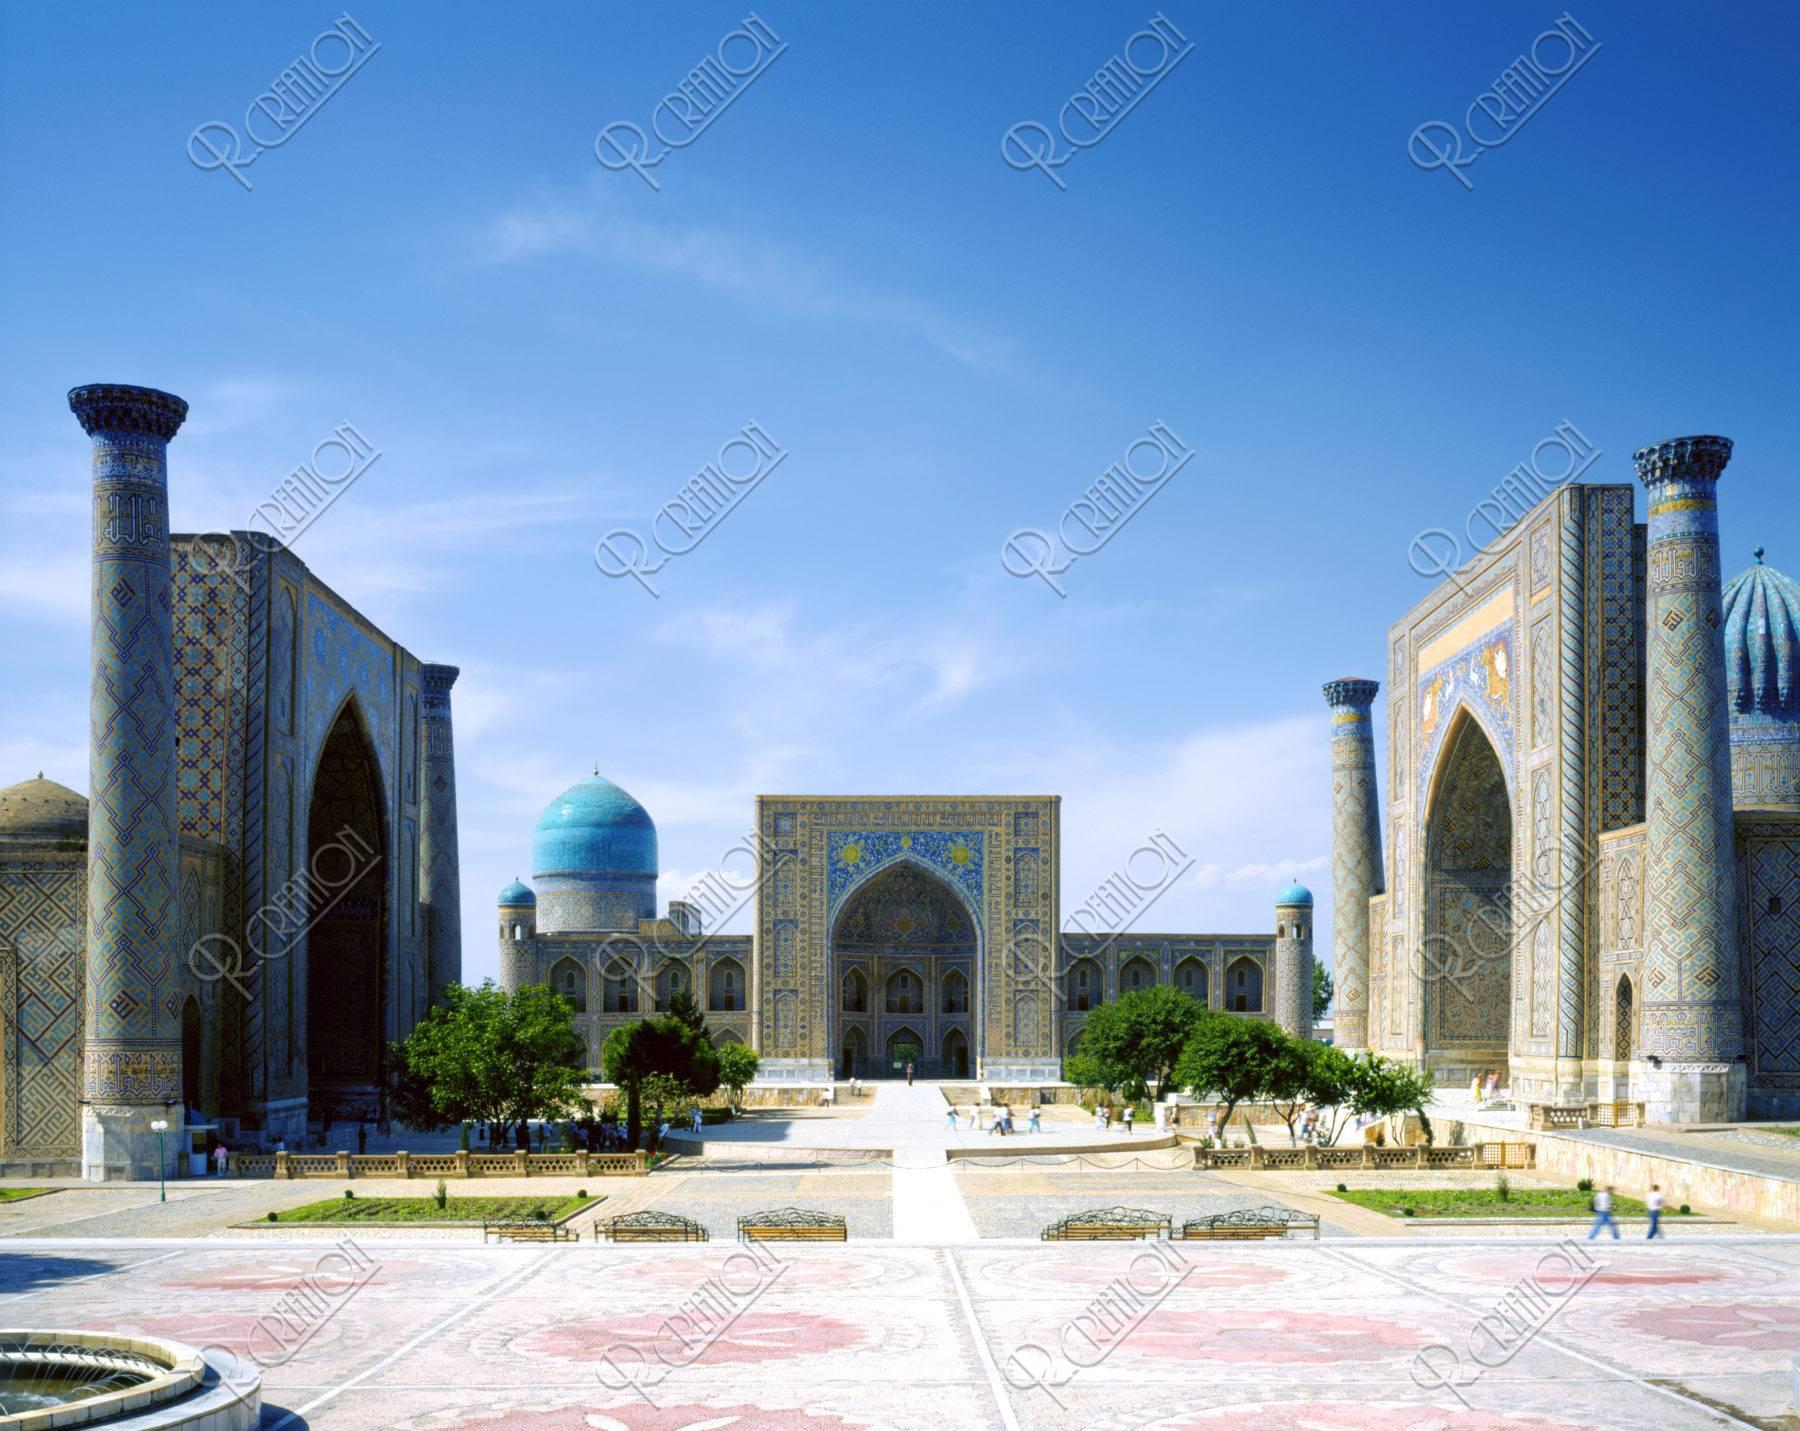 レギスタン広場 世界遺産